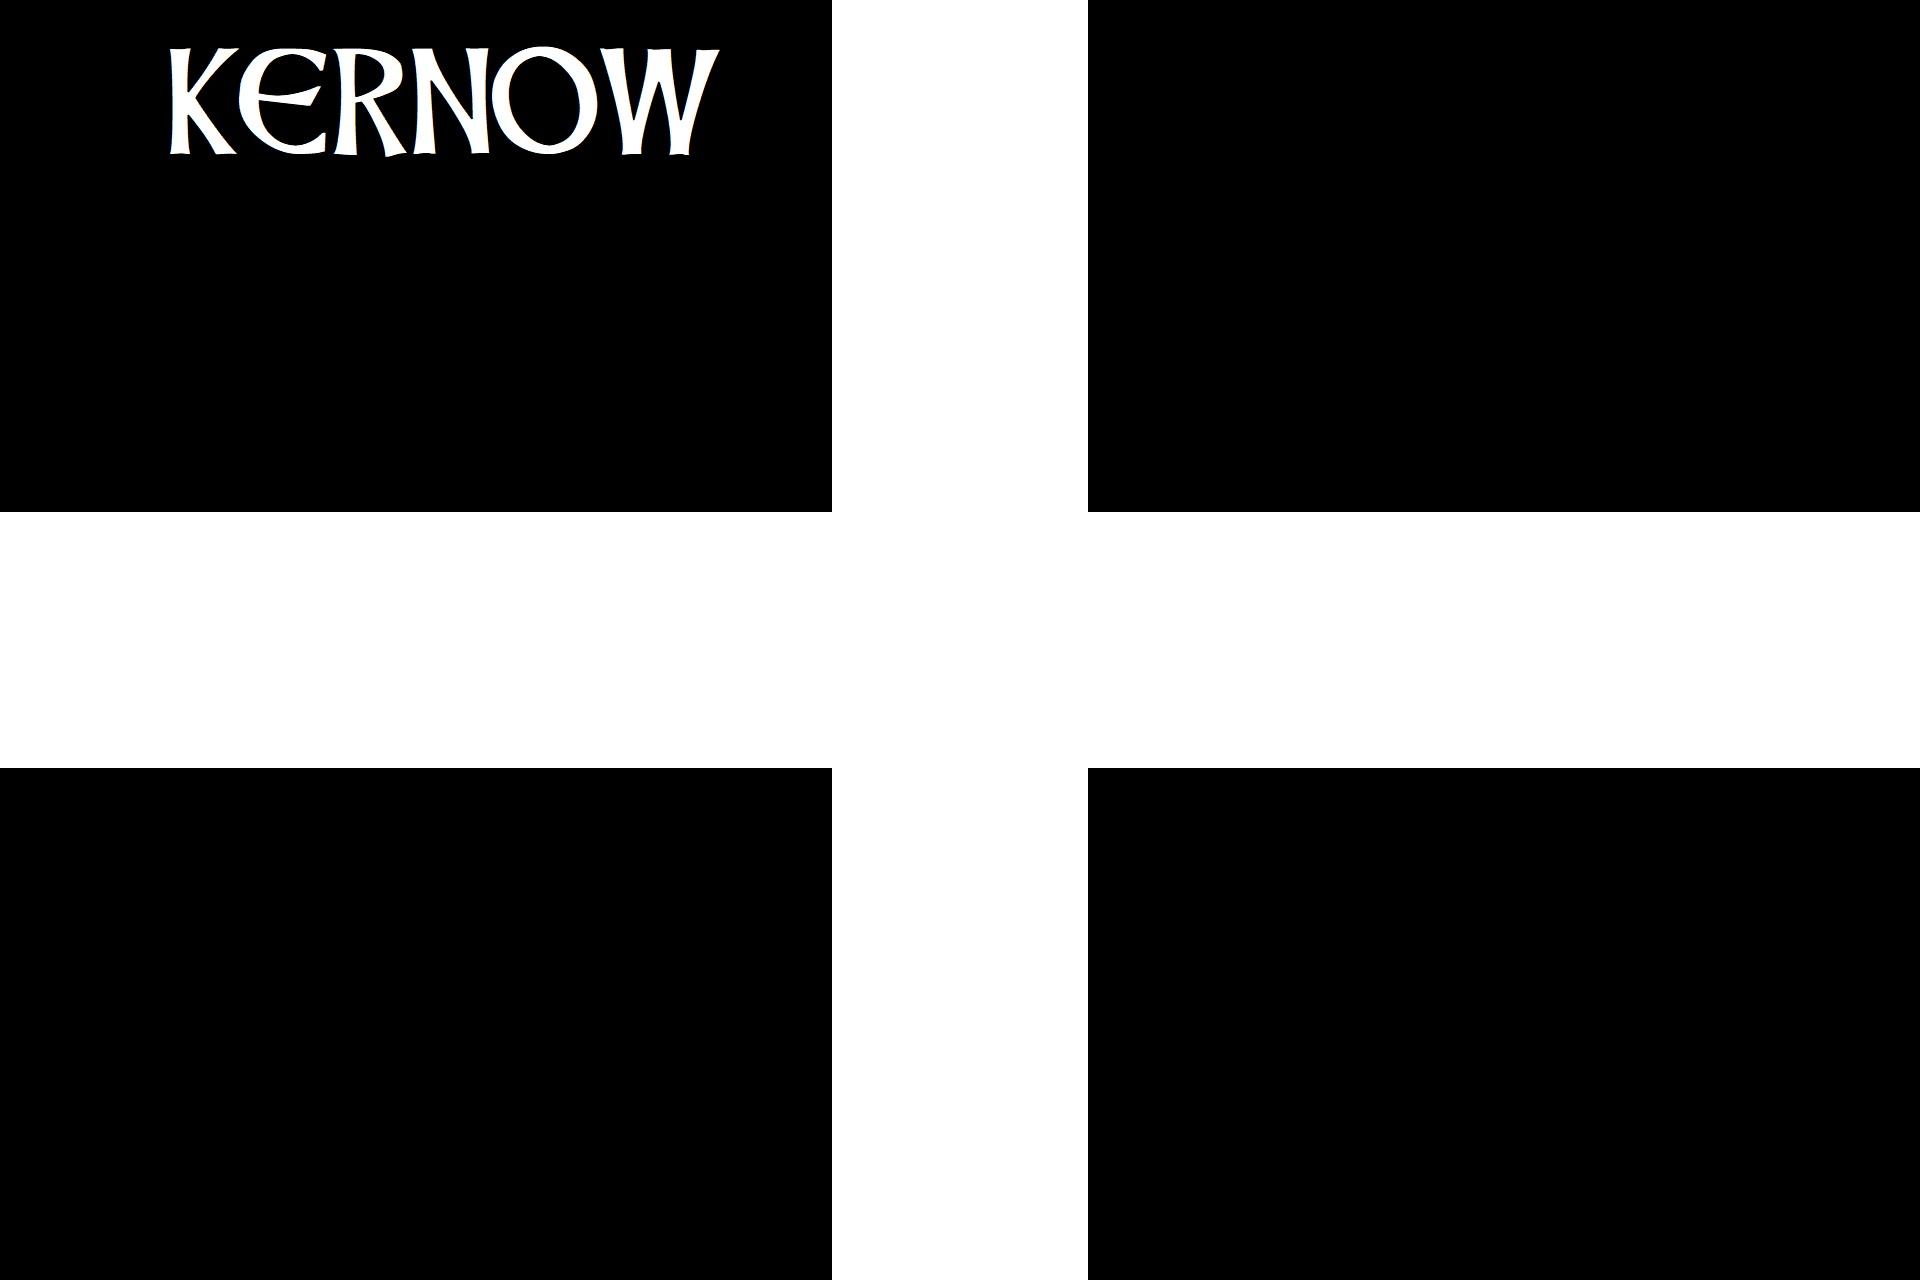 Baner Sen Peran - 'Kernow'